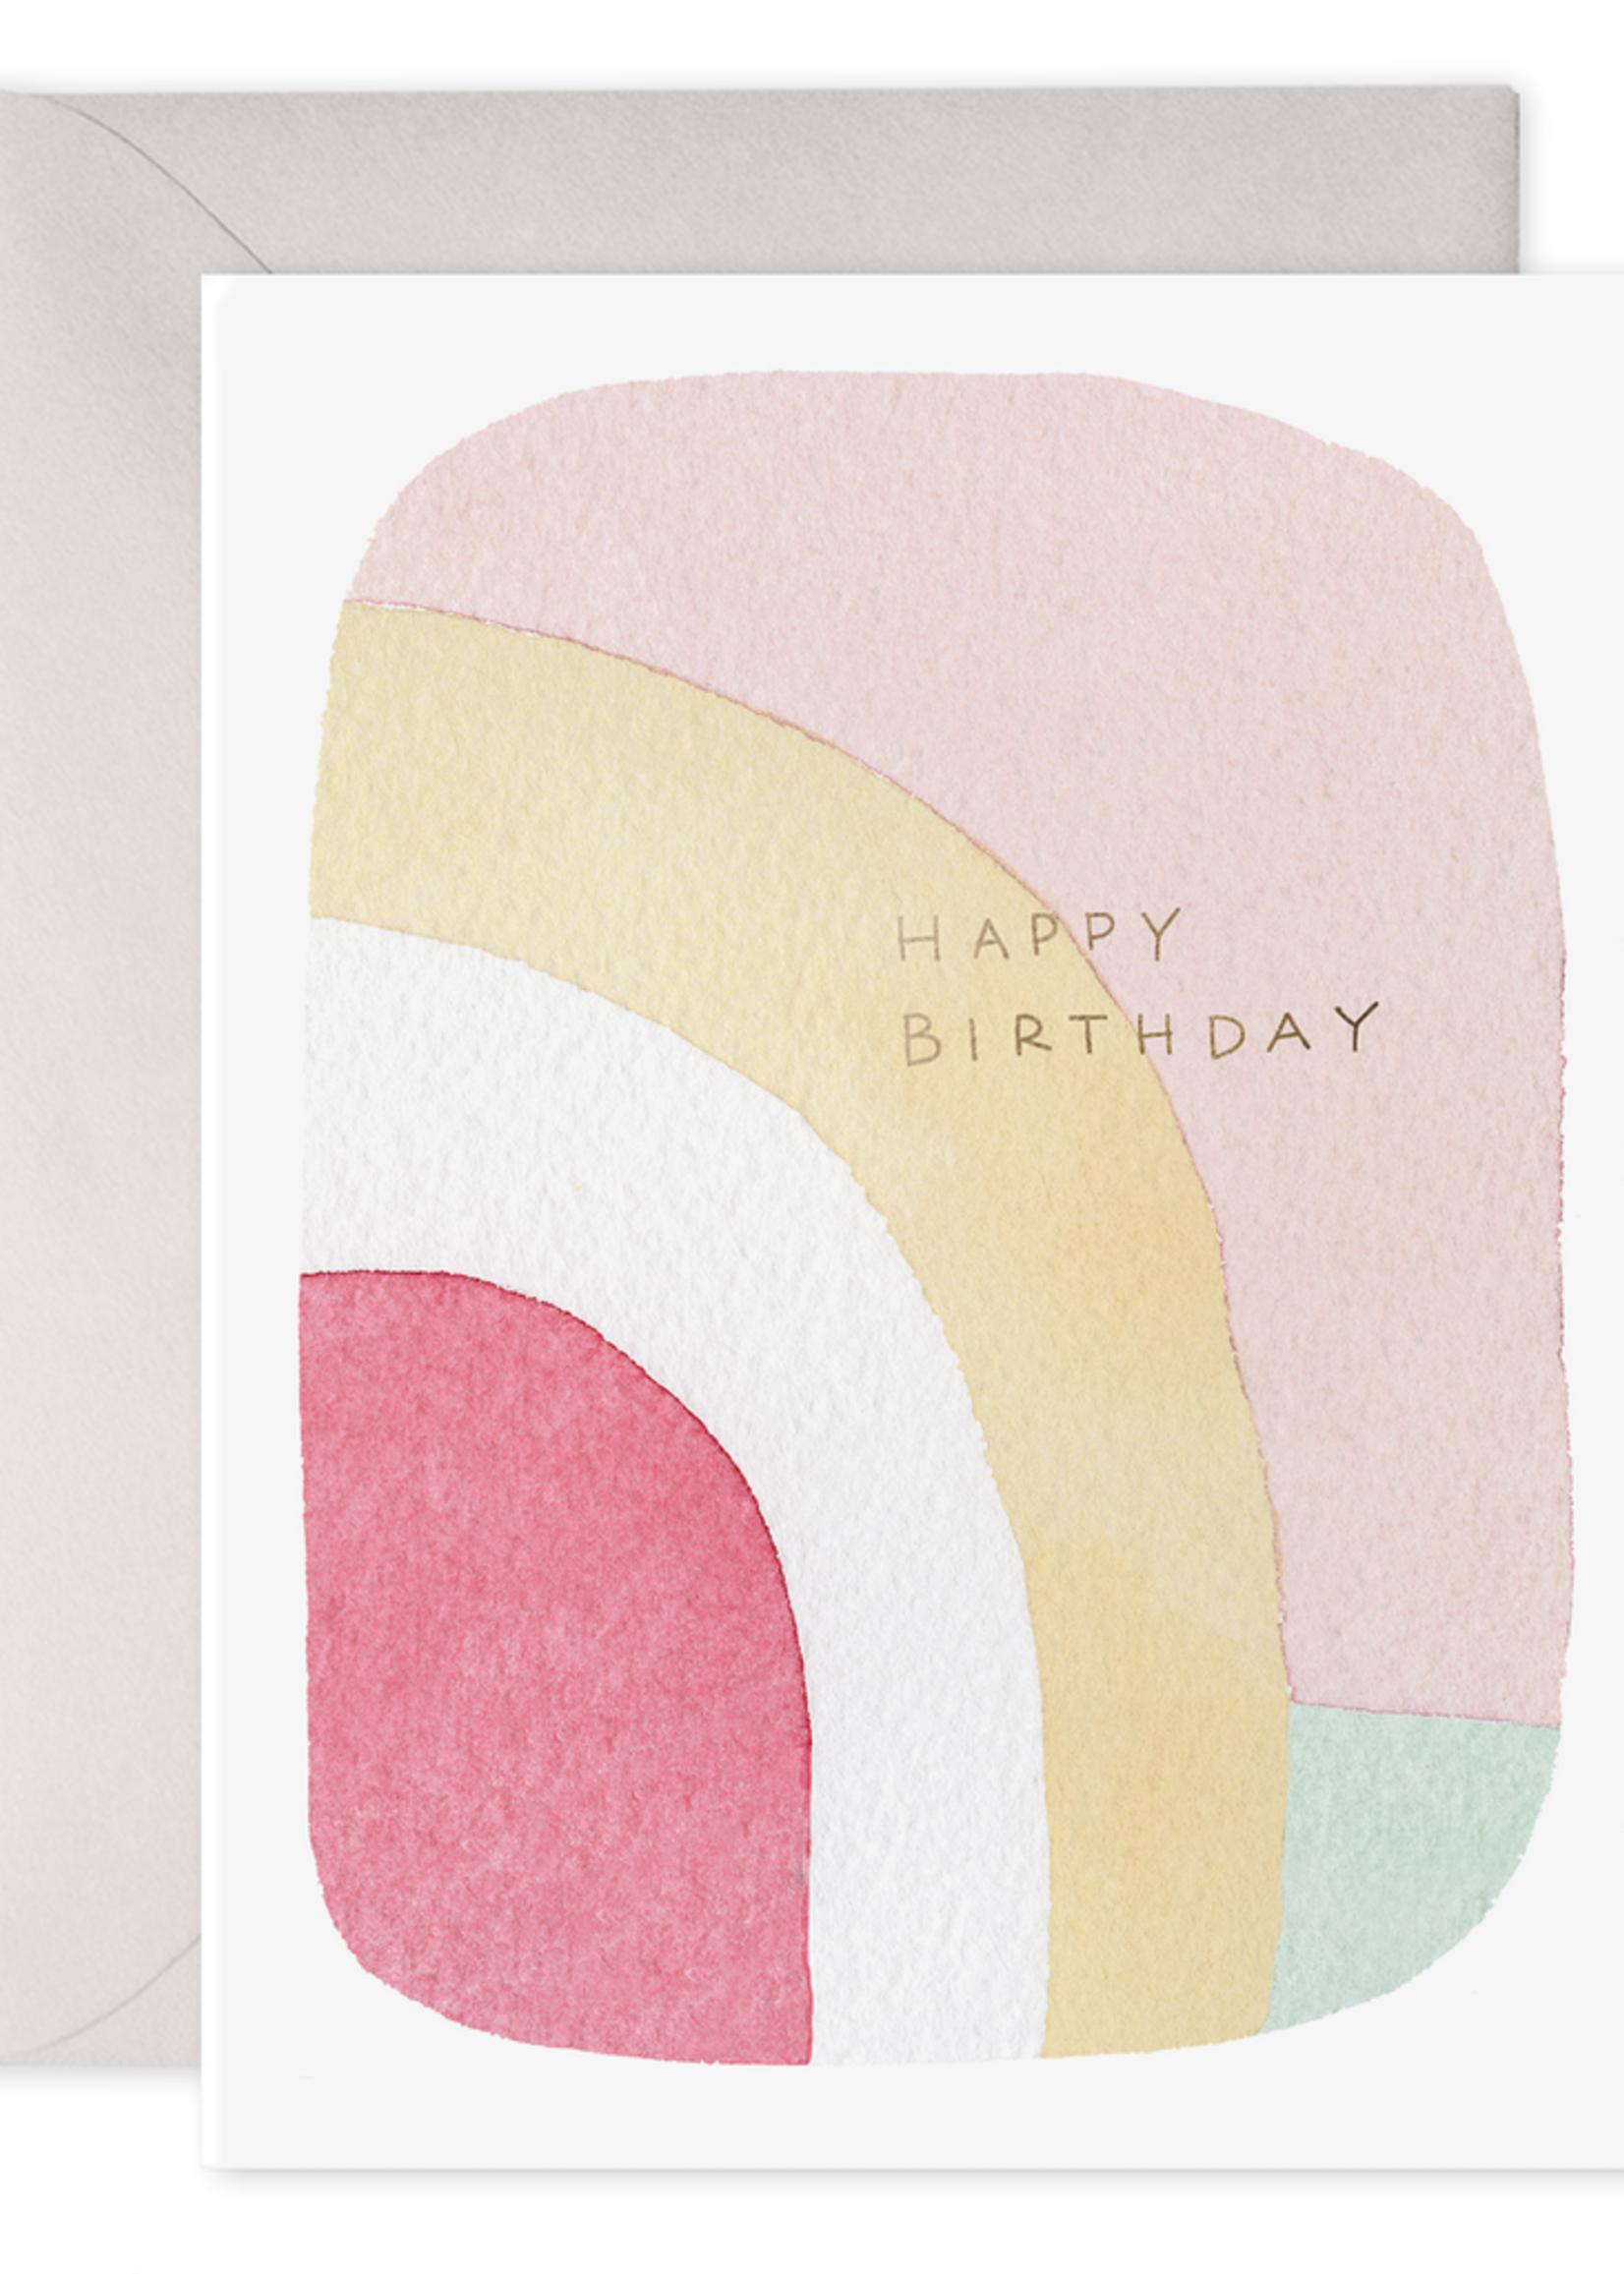 E. Frances Paper Birthday Card - Dreamy Birthday